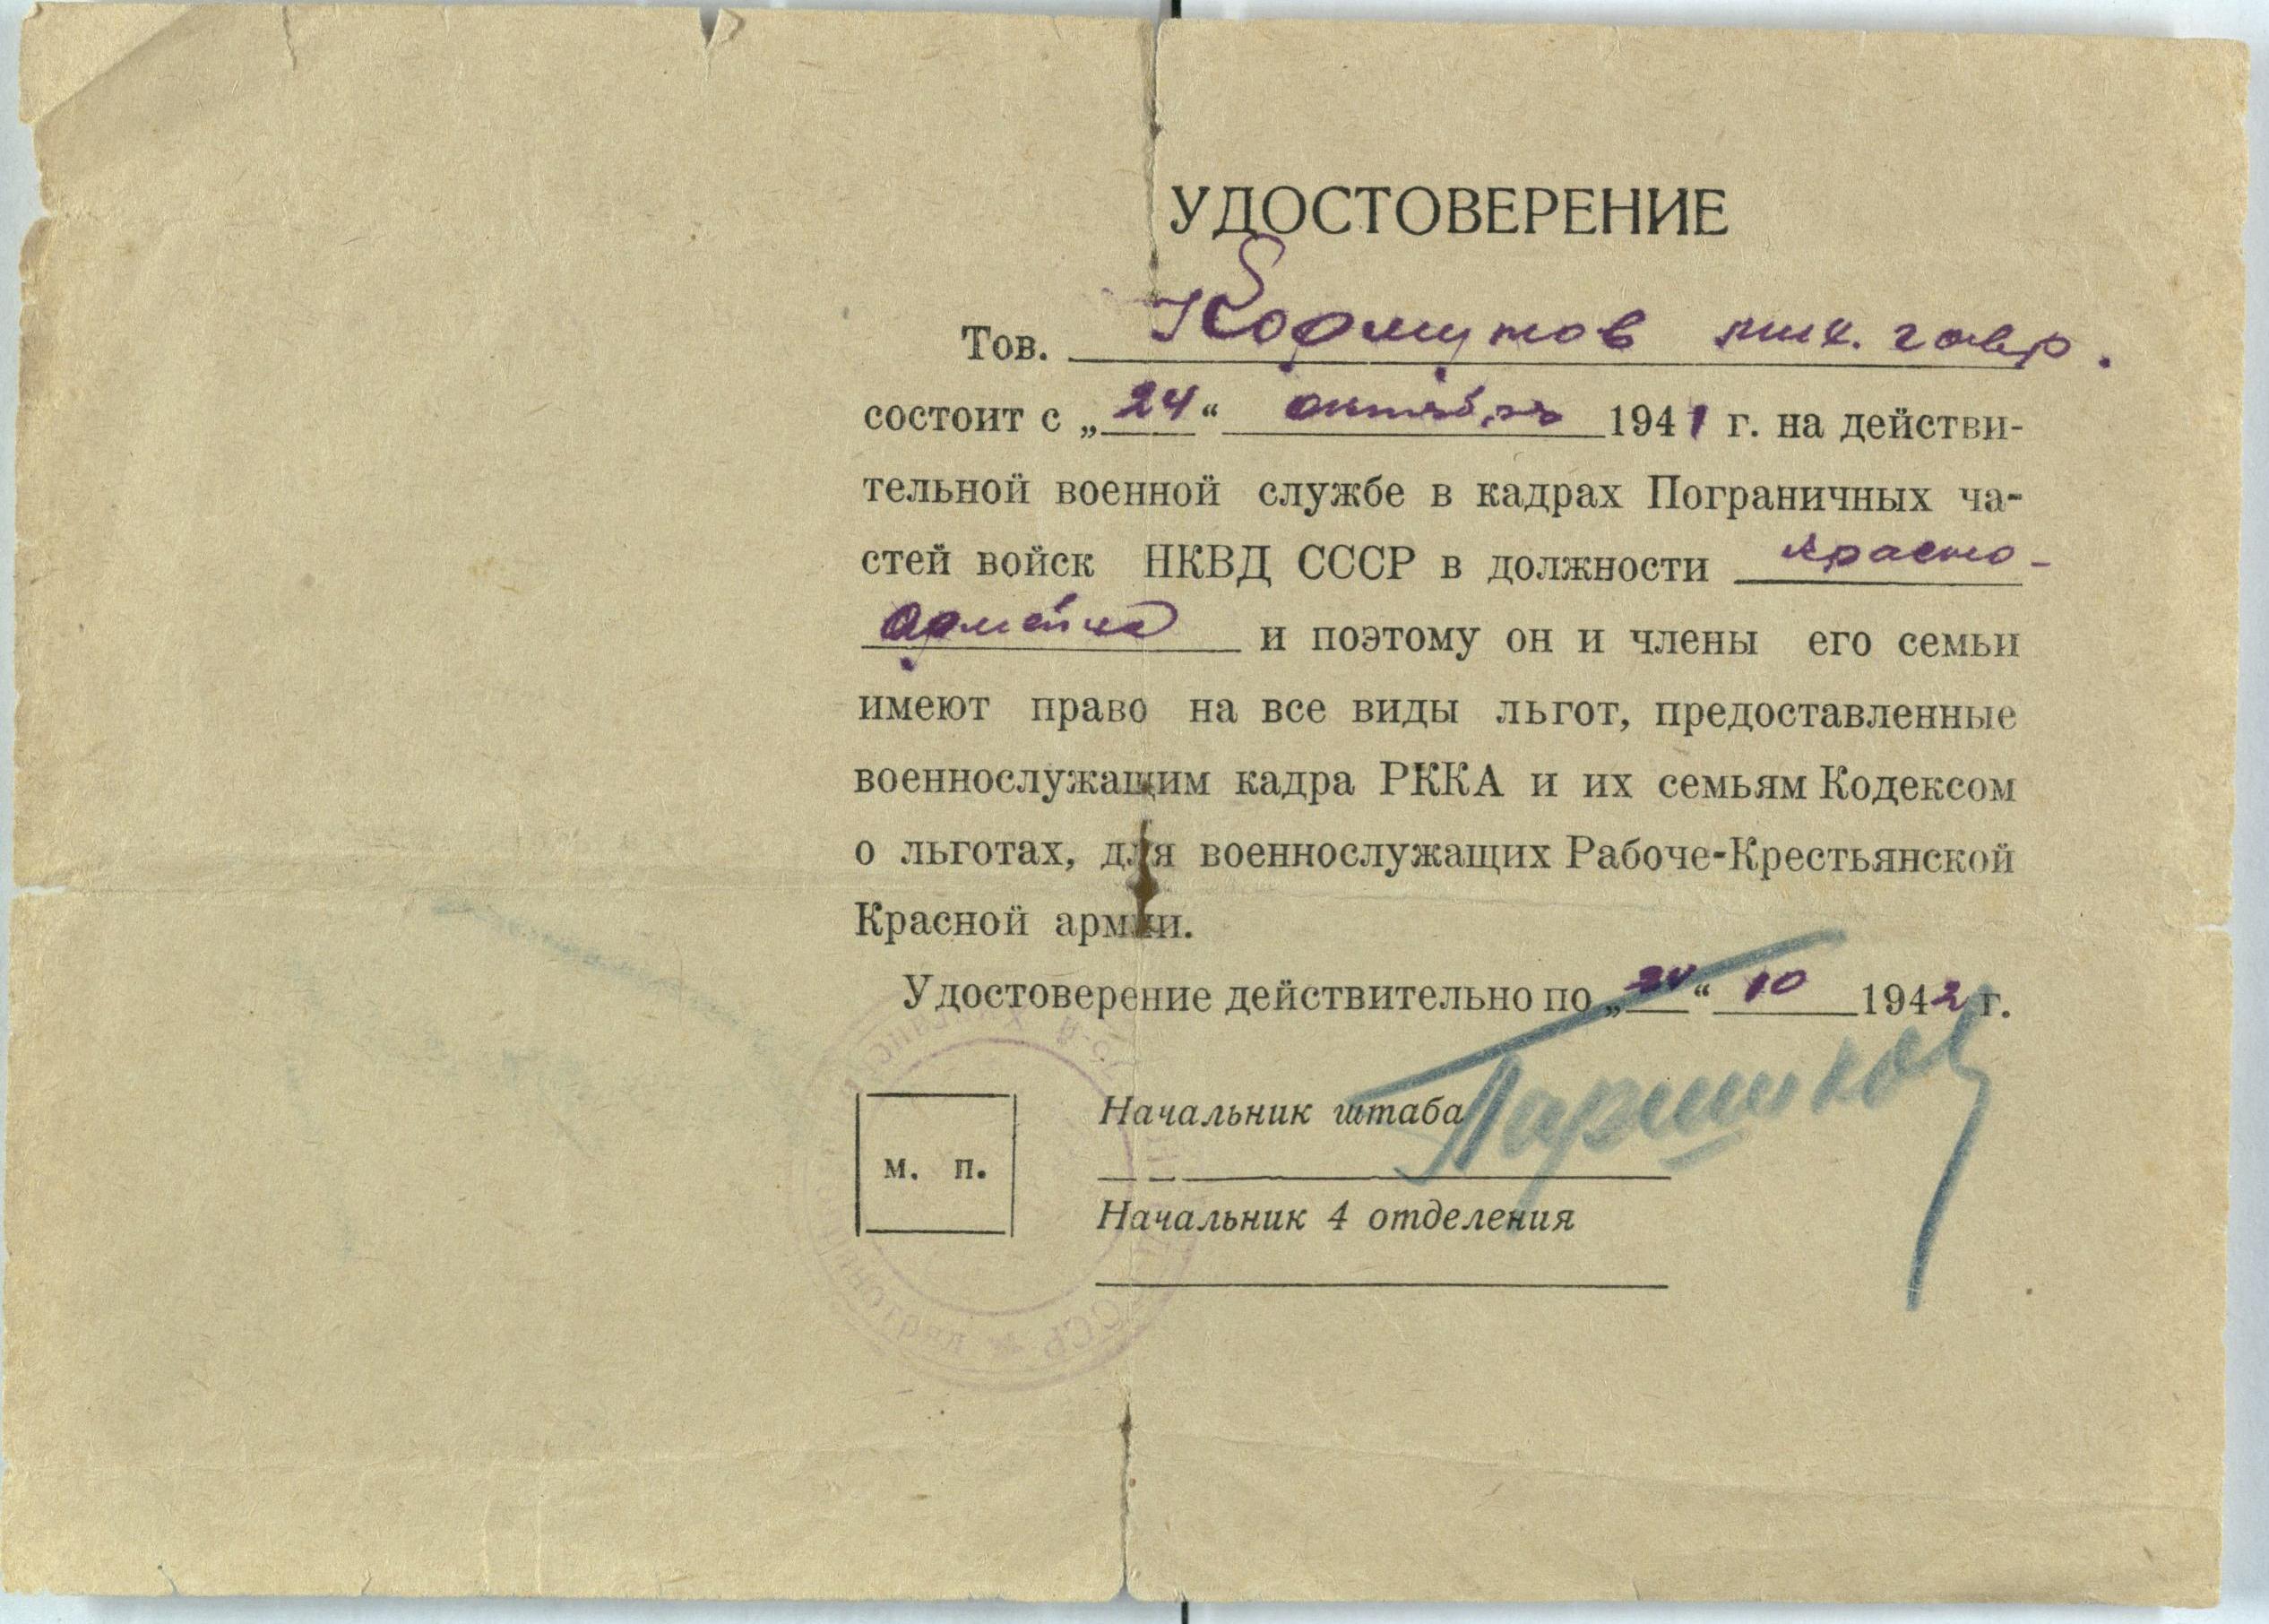 Около 30 раритетов времен войны передала москвичка в дар Музею Победы